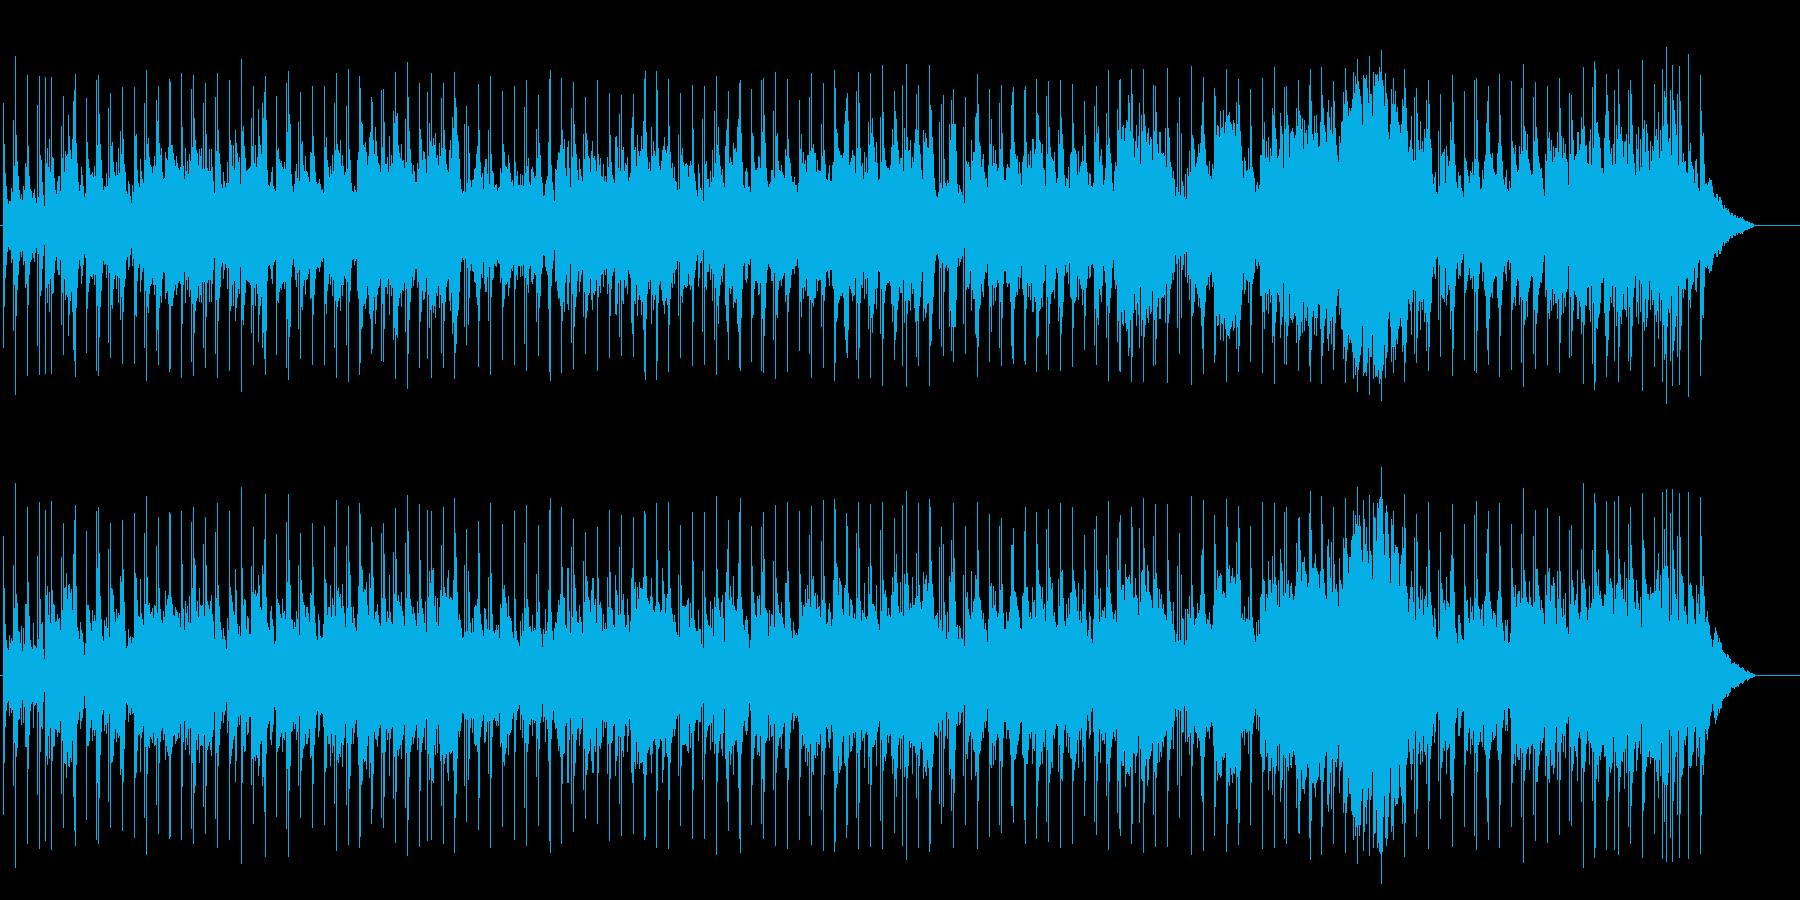 優しくしっとりとしたジャズ/バラードの再生済みの波形